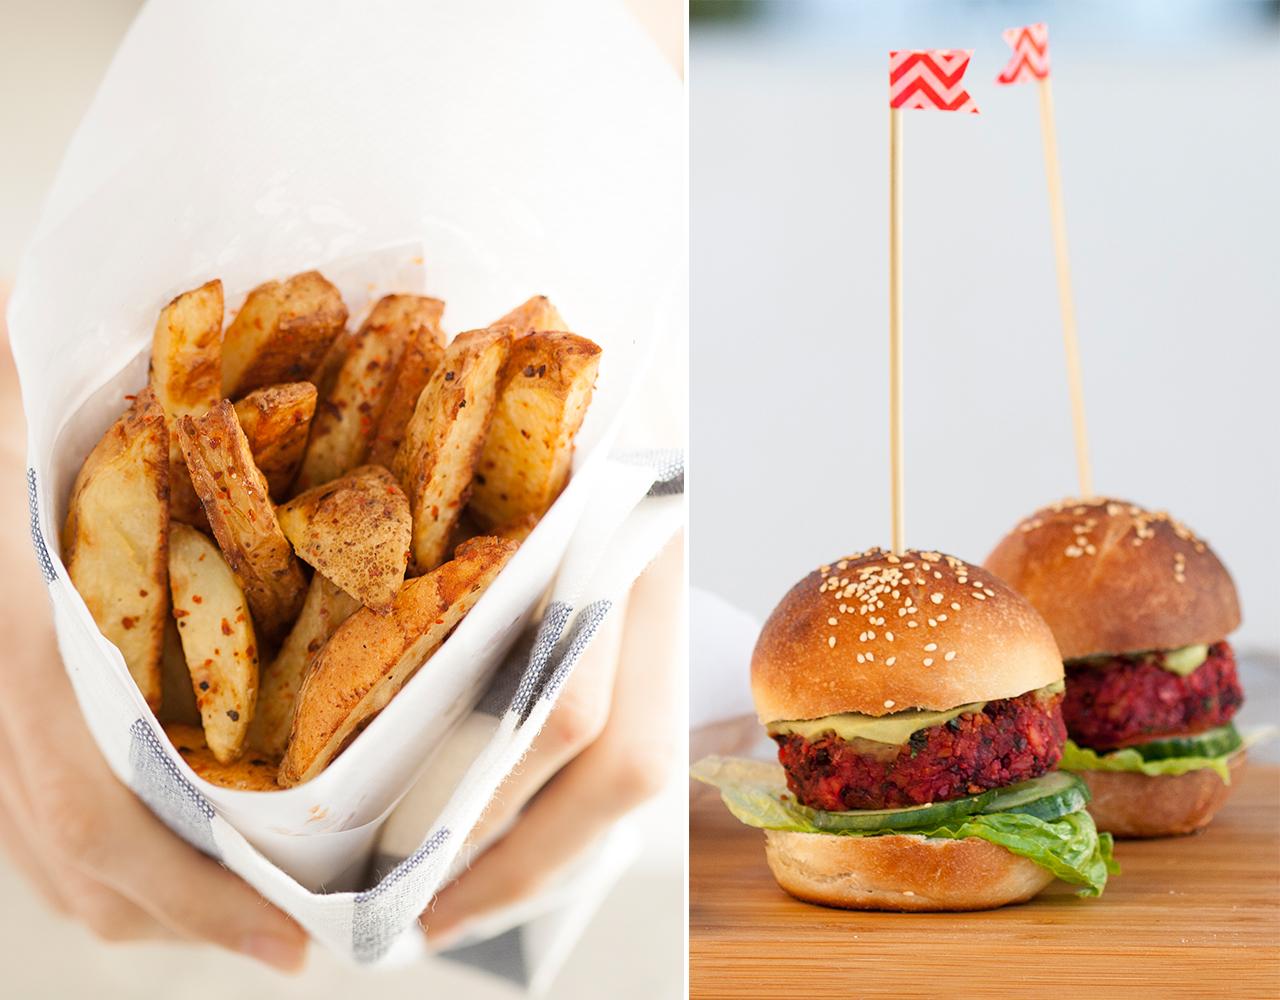 mini burgery z buraków i domowe frytki